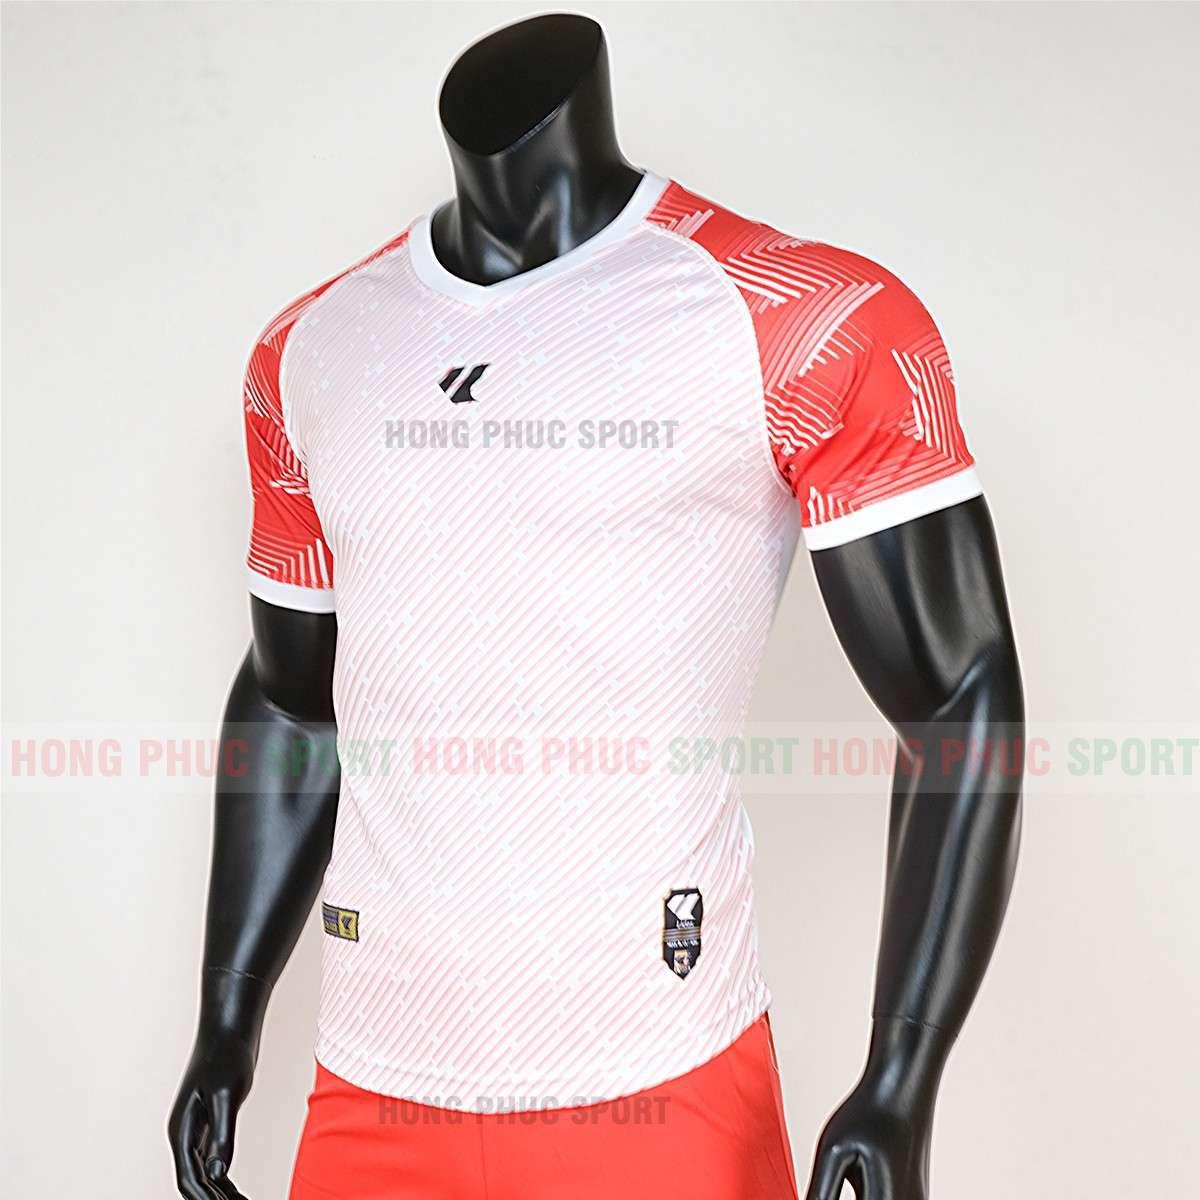 https://cdn.hongphucsport.com/unsafe/cdn.hongphucsport.com/dothethao.net.vn/wp-content/uploads/2020/02/ao-bong-da-khong-logo-lidas-wariors-trang-cam-4.jpg